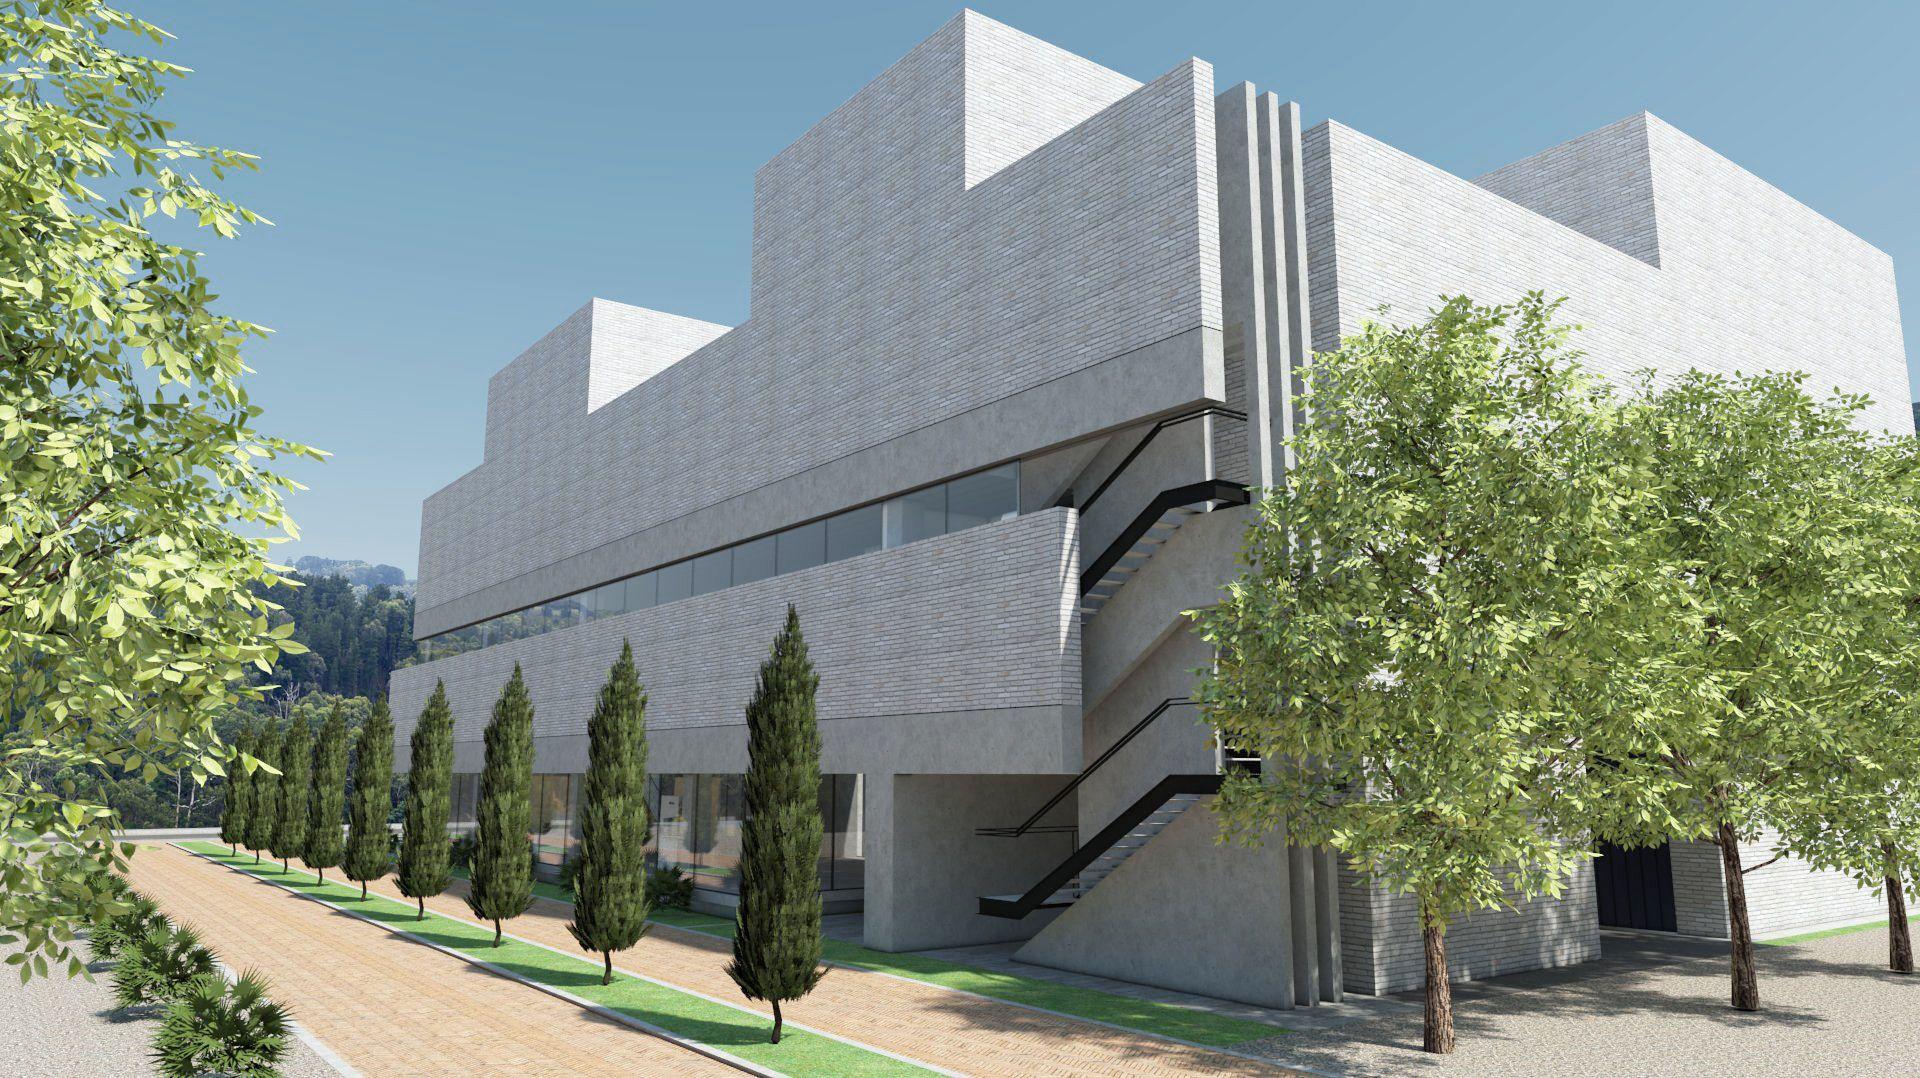 광명역 사옥 계획설계